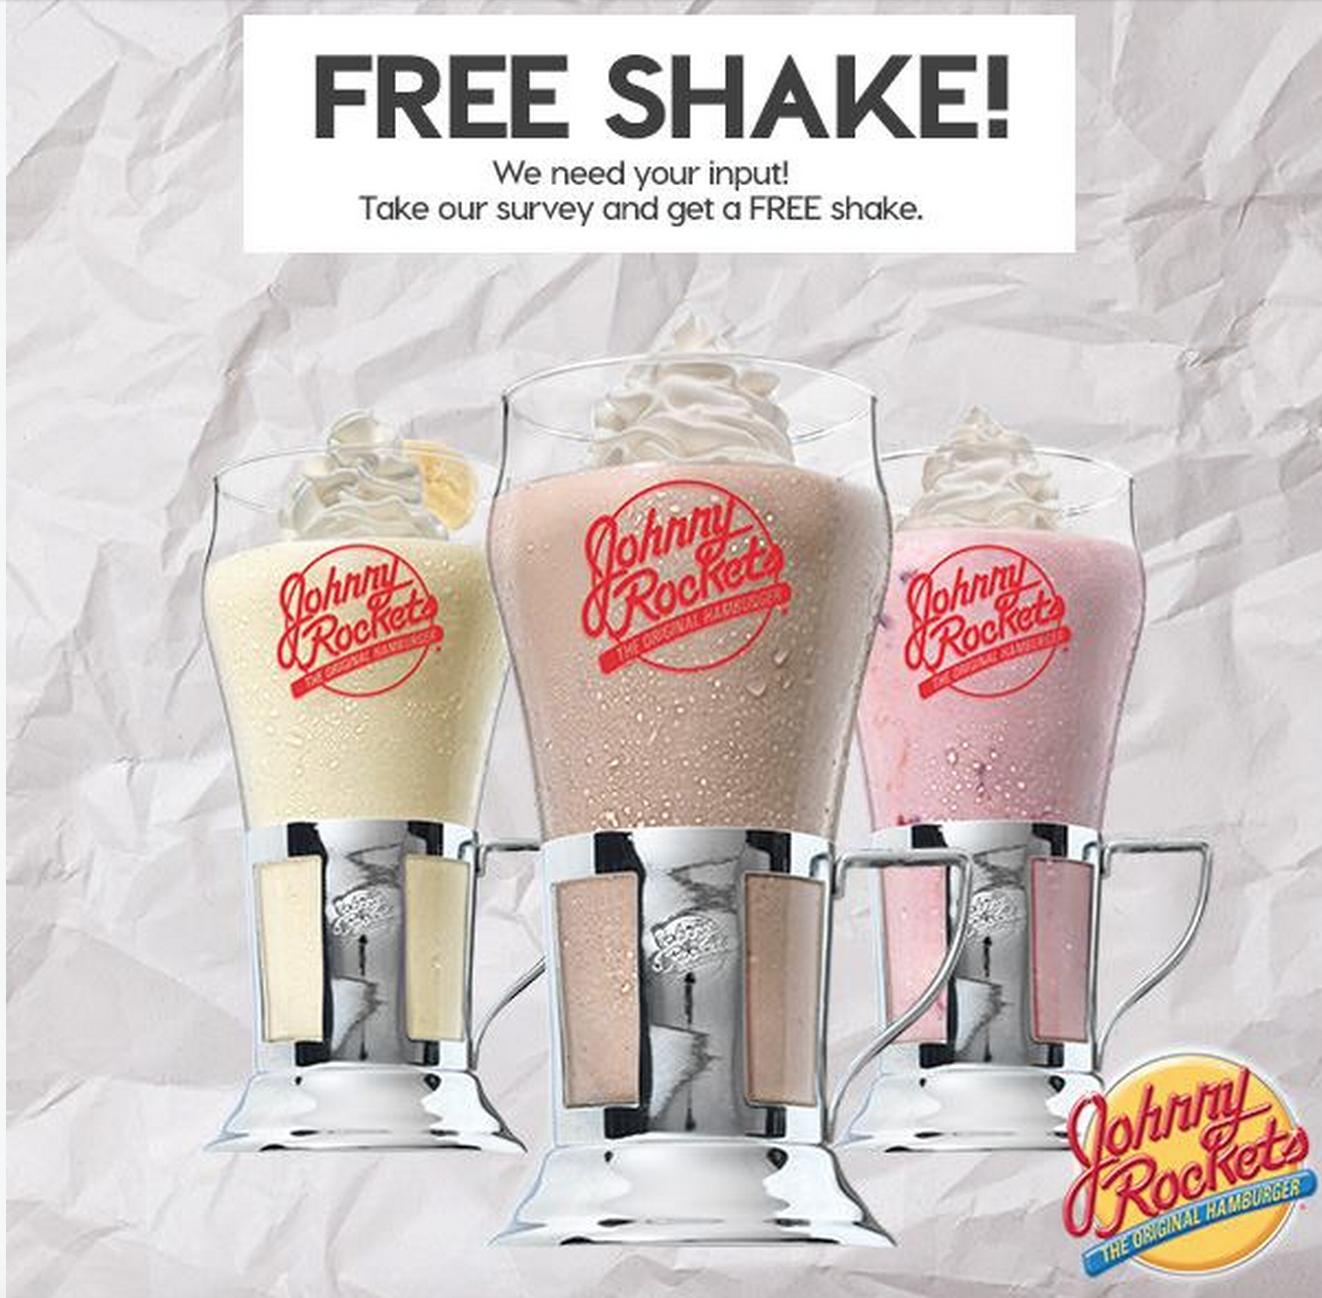 Free Shake